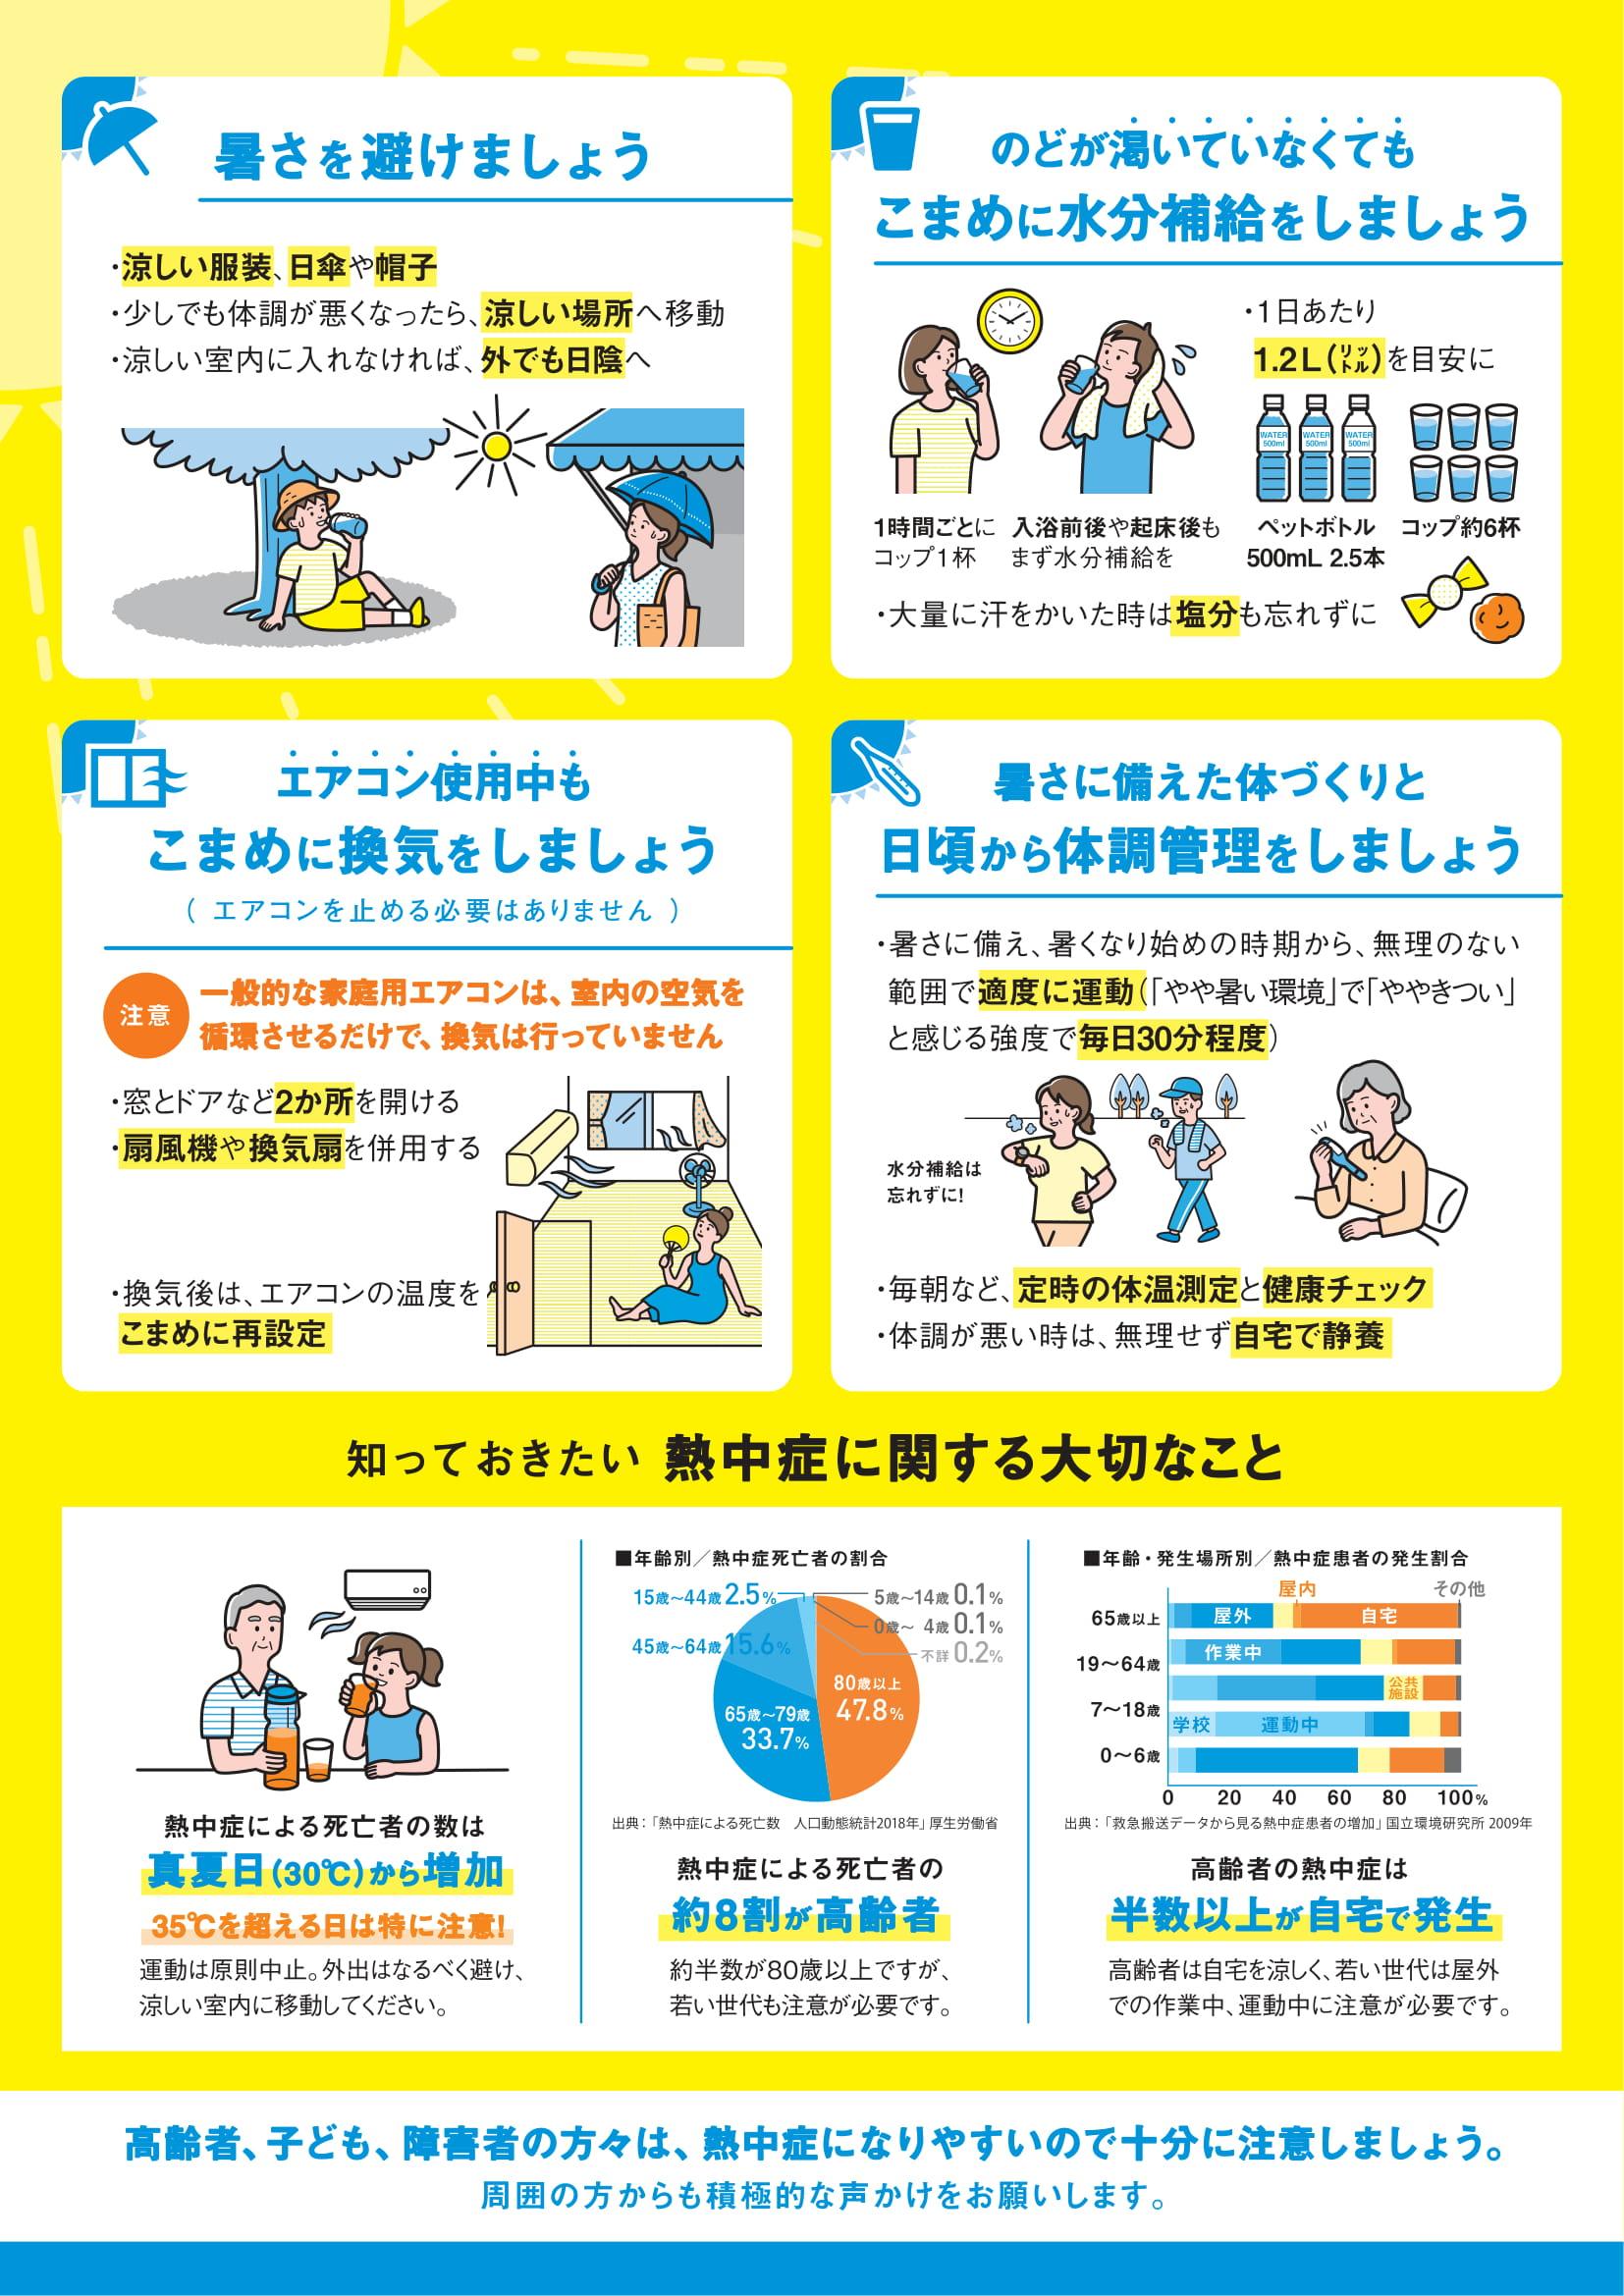 http://www.kk-giken.jp/track/%E5%8E%9A%E5%8A%B4%E7%9C%81%E7%86%B1%E4%B8%AD%E7%97%87%E5%AF%BE%E7%AD%961-2.jpg